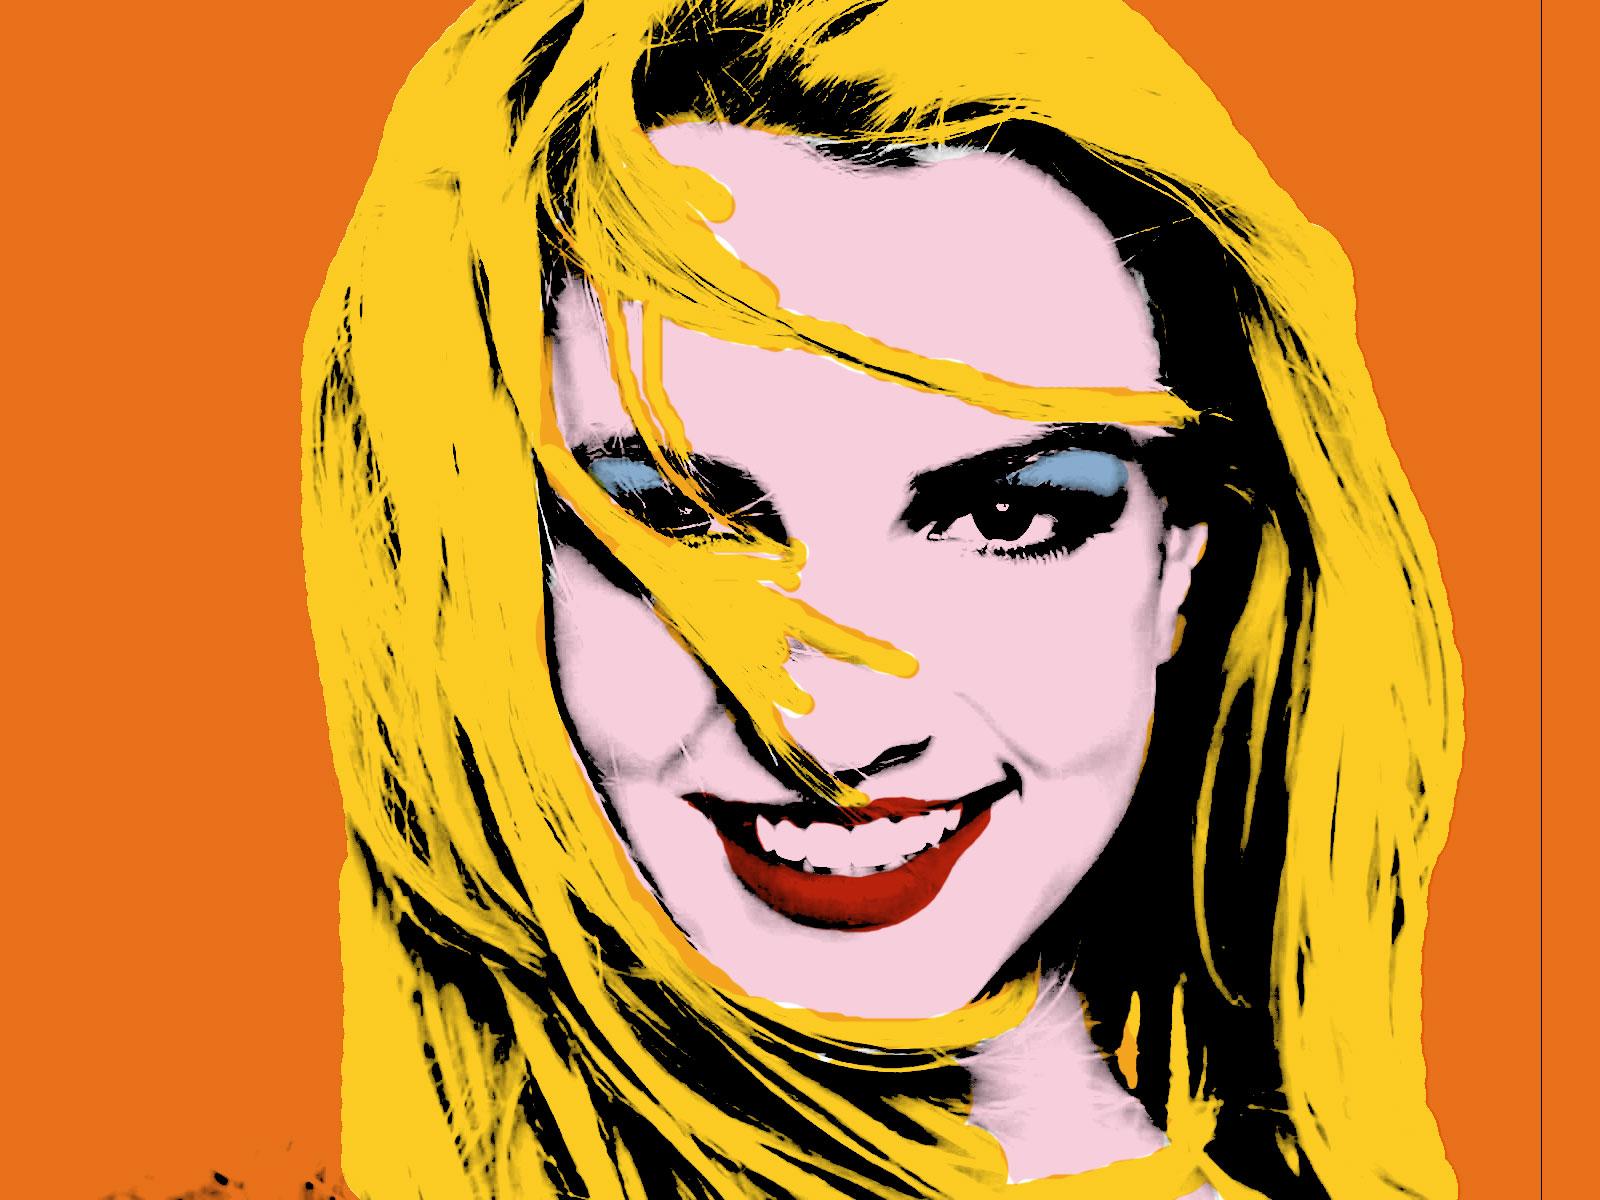 Andy Warhol Pop Art Paintings Pop art andy warhol 36